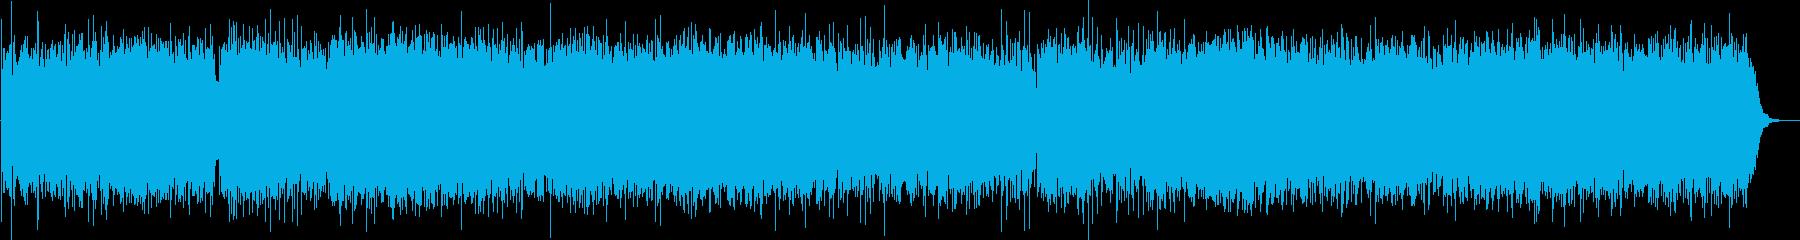 シタールの謎めいたお寺のBGM激しい版の再生済みの波形